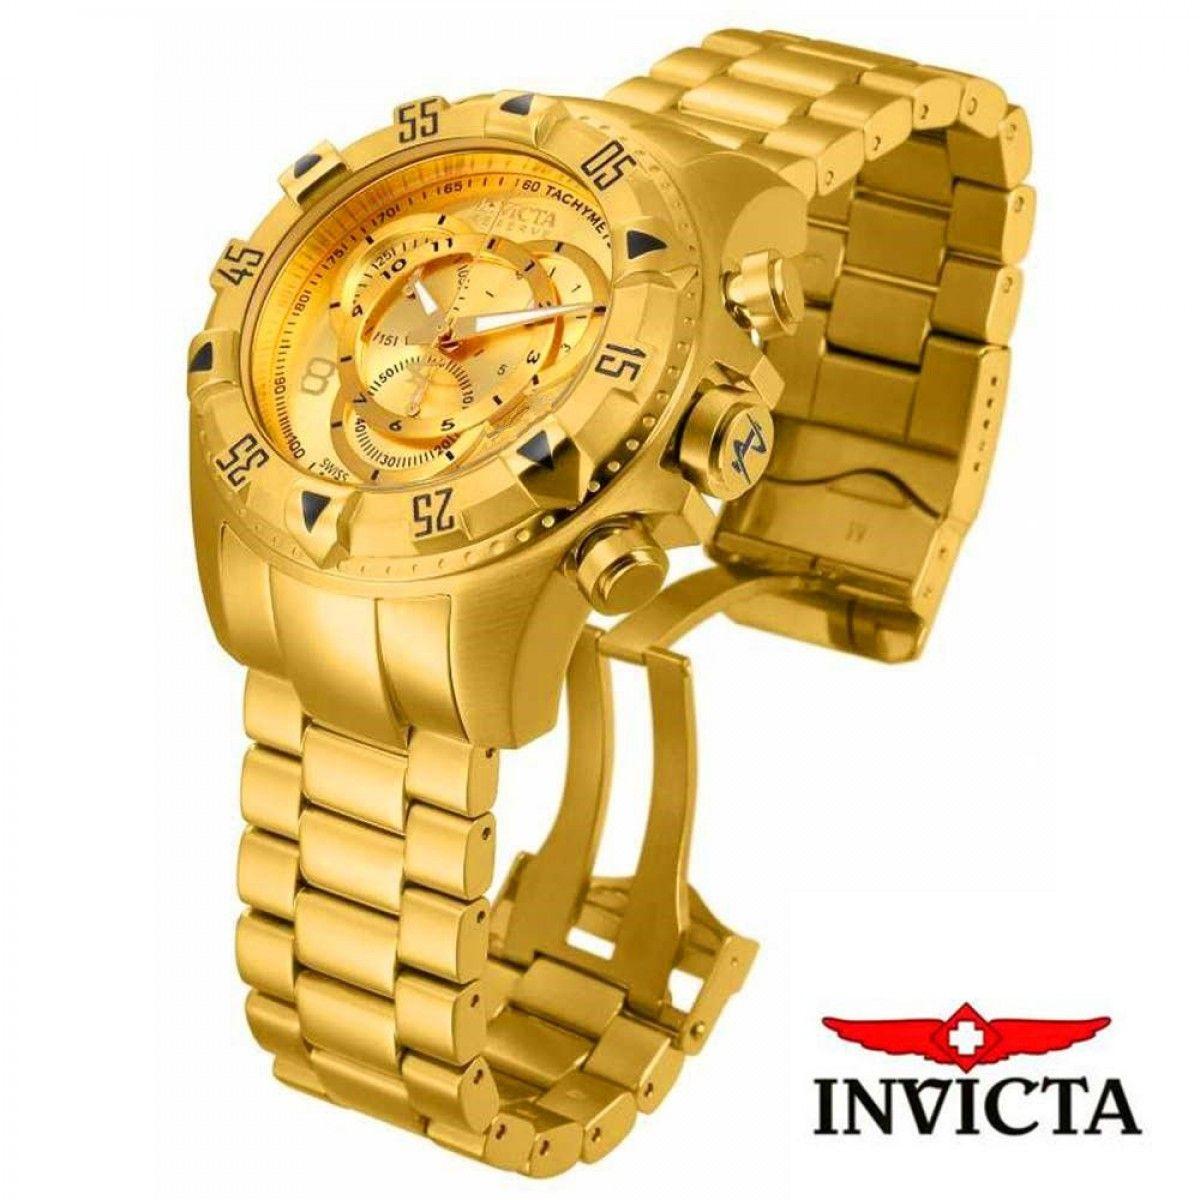 f4ec3dc6a01 Pin de BOMPRECO.NINJA em Relógios Invicta!